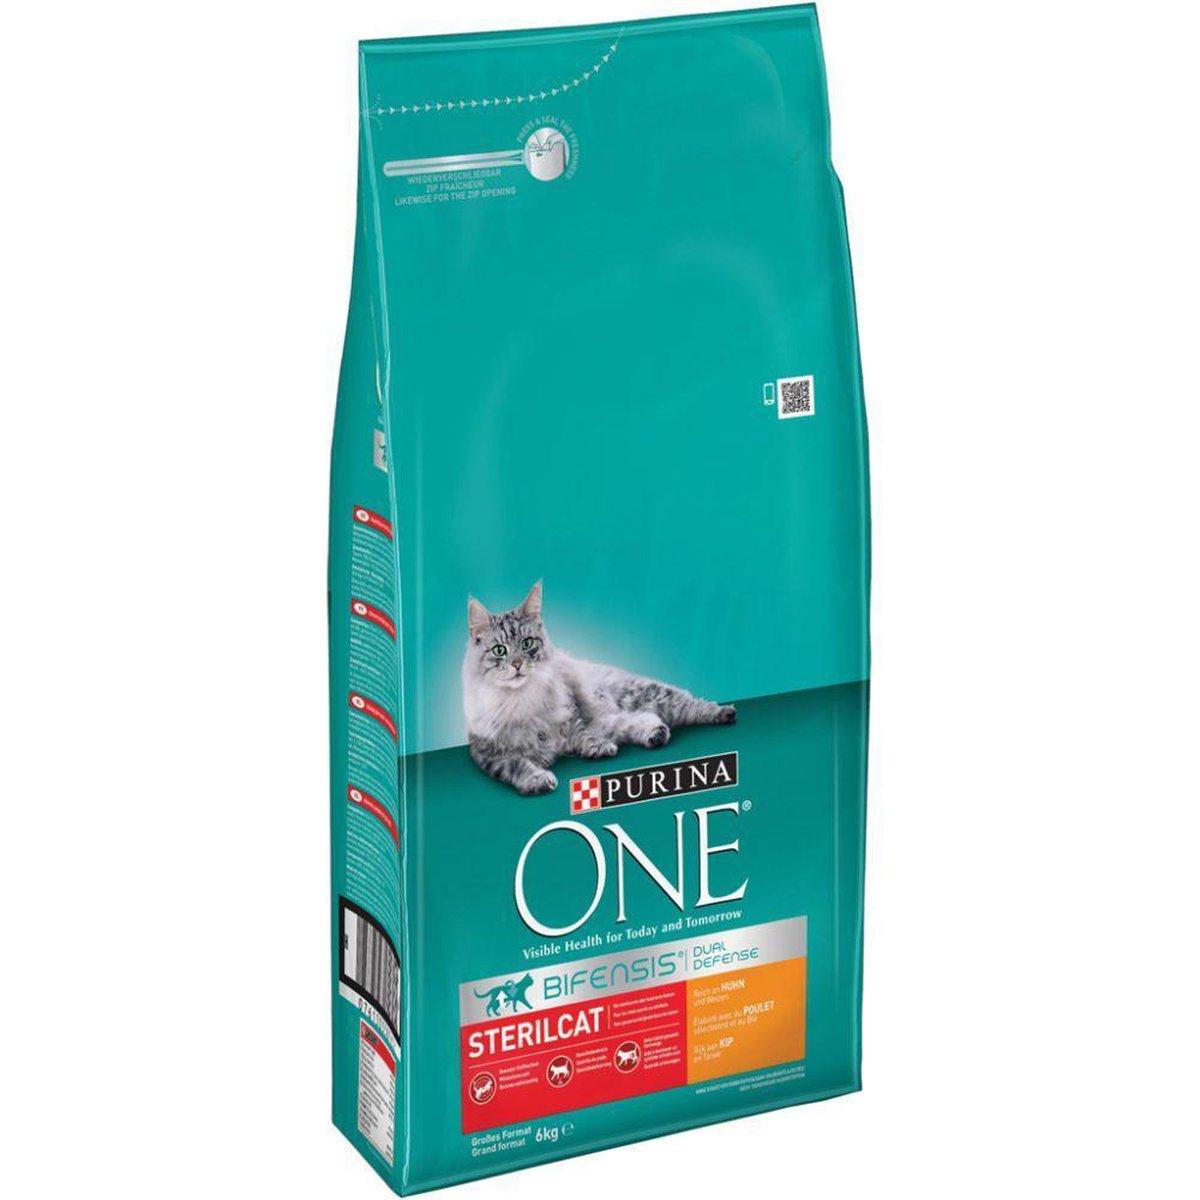 Purina ONE Sterilcat Adult - Kattenvoer Kip & Tarwe - 6kg